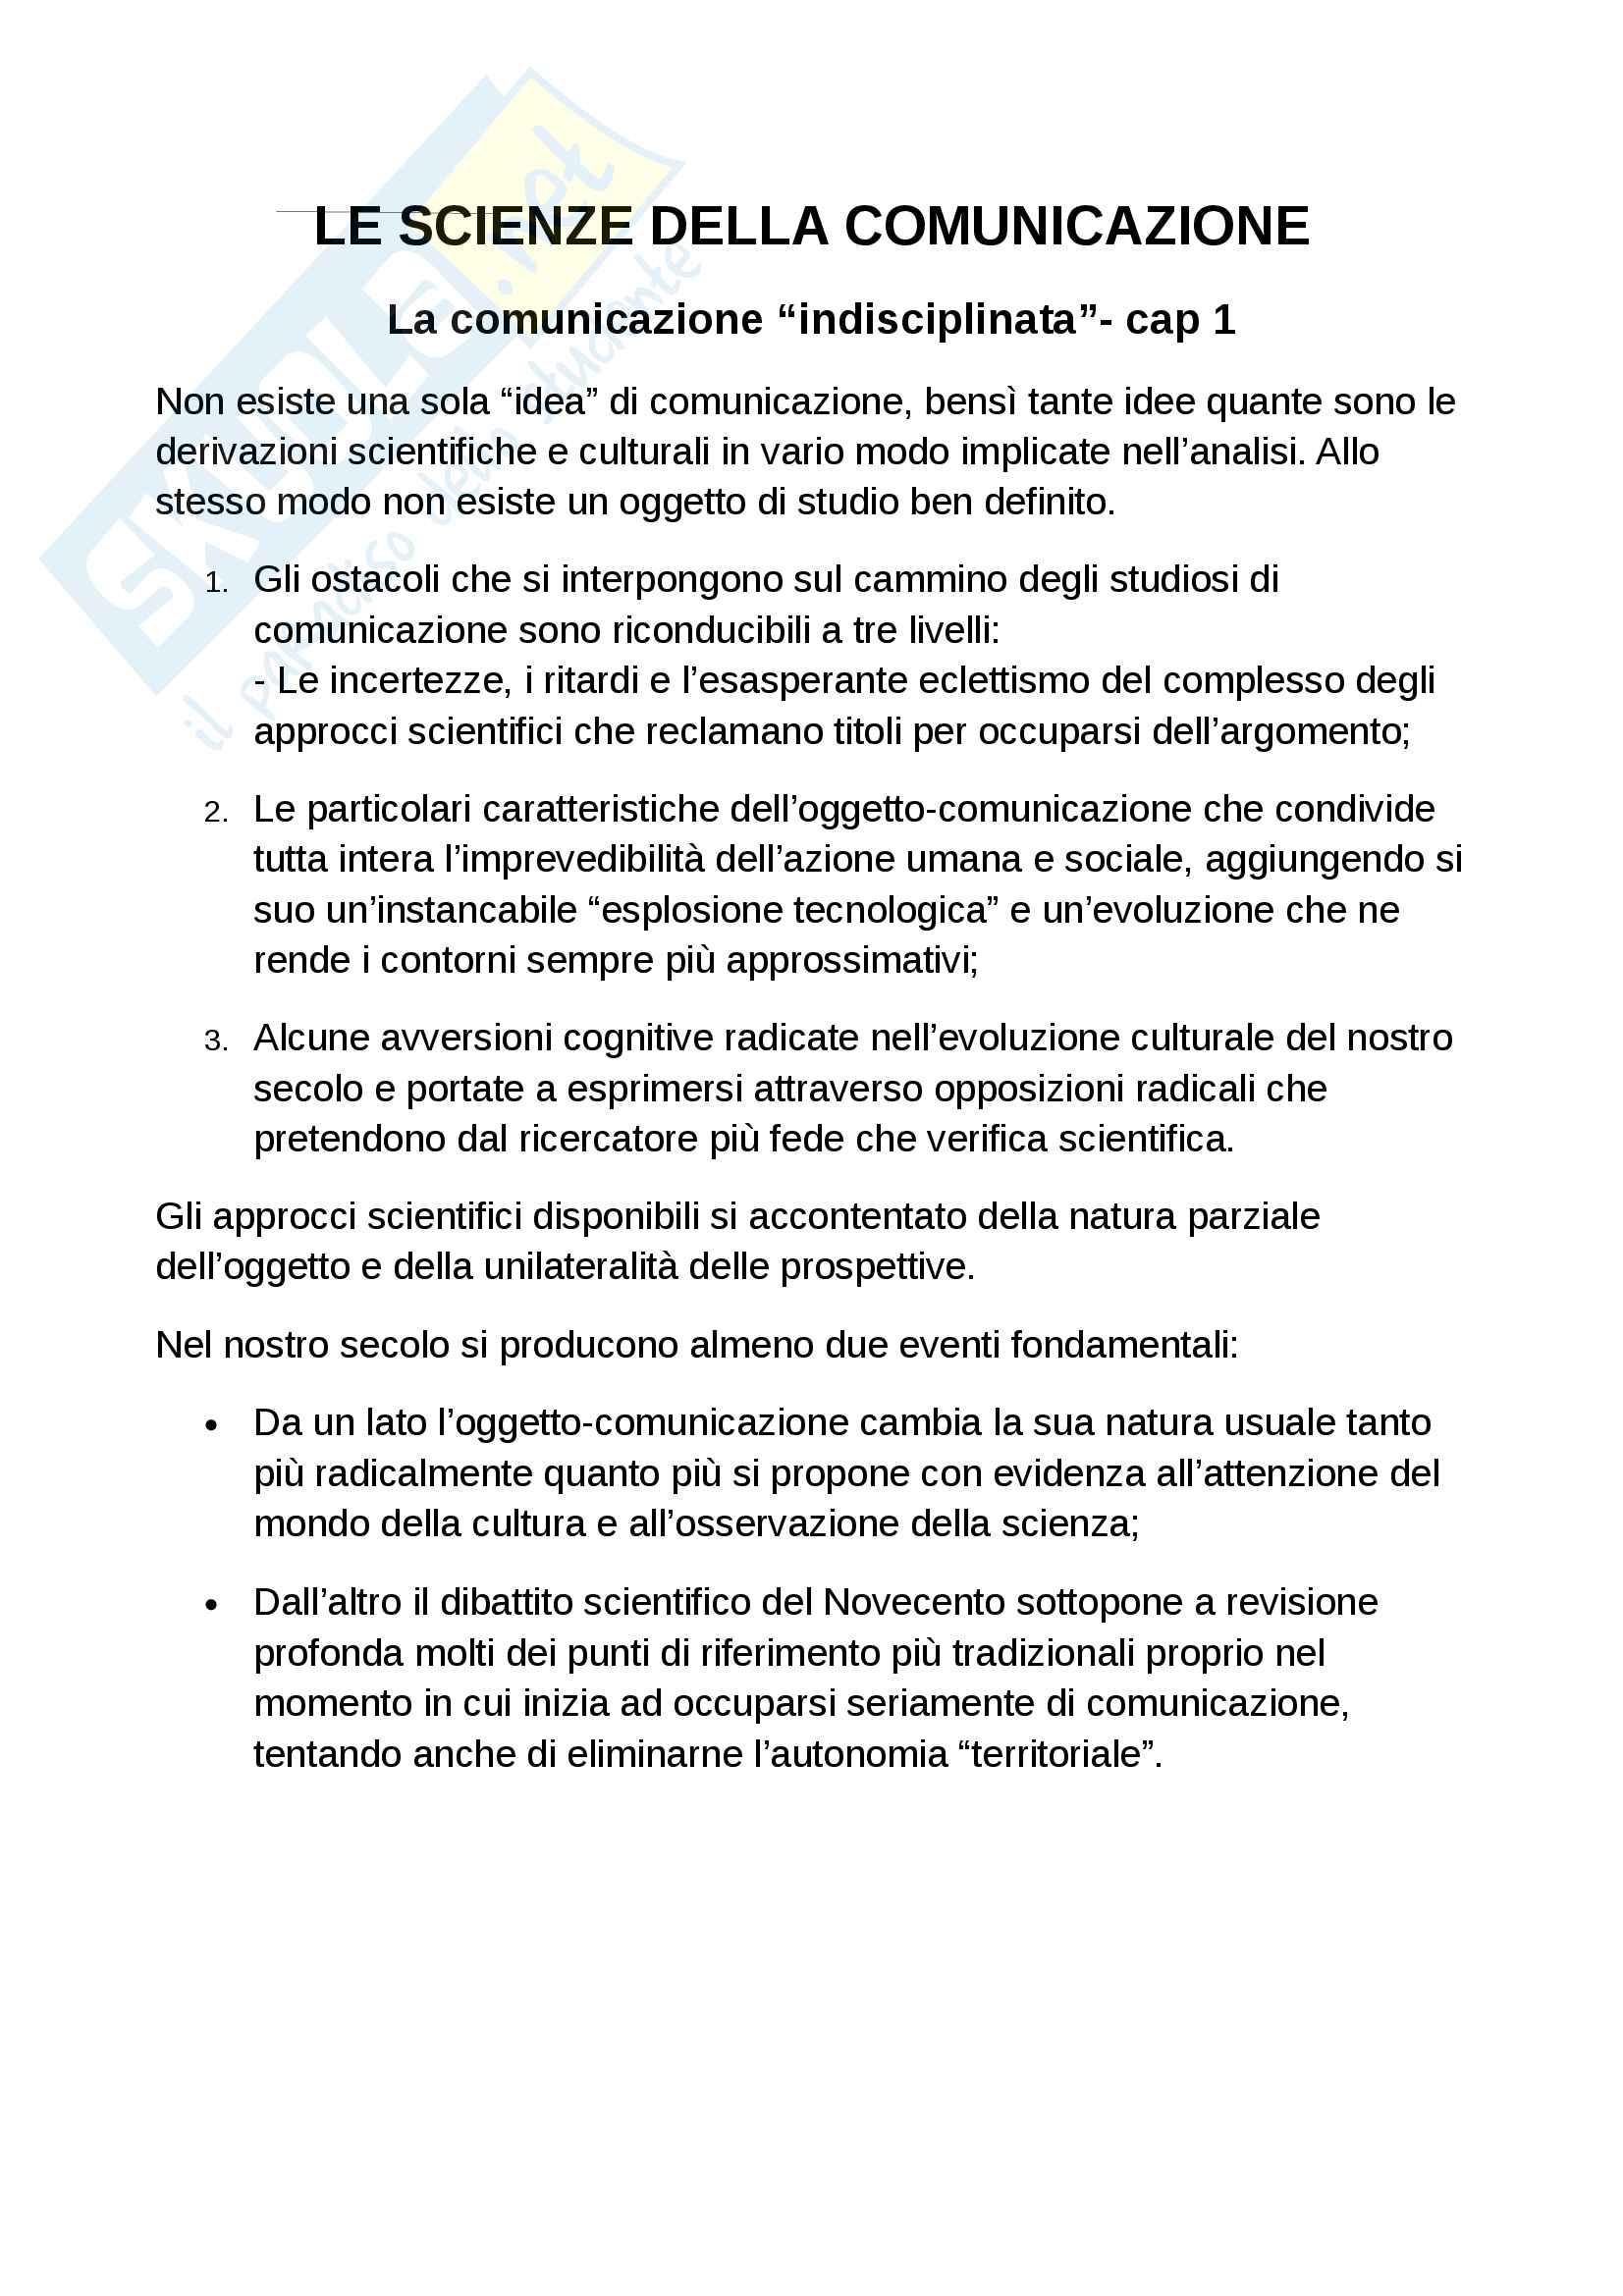 Riassunto esame sociologia della comunicazione. Libro consigliato La scienza della comunicazione, Morcellini, Fatelli